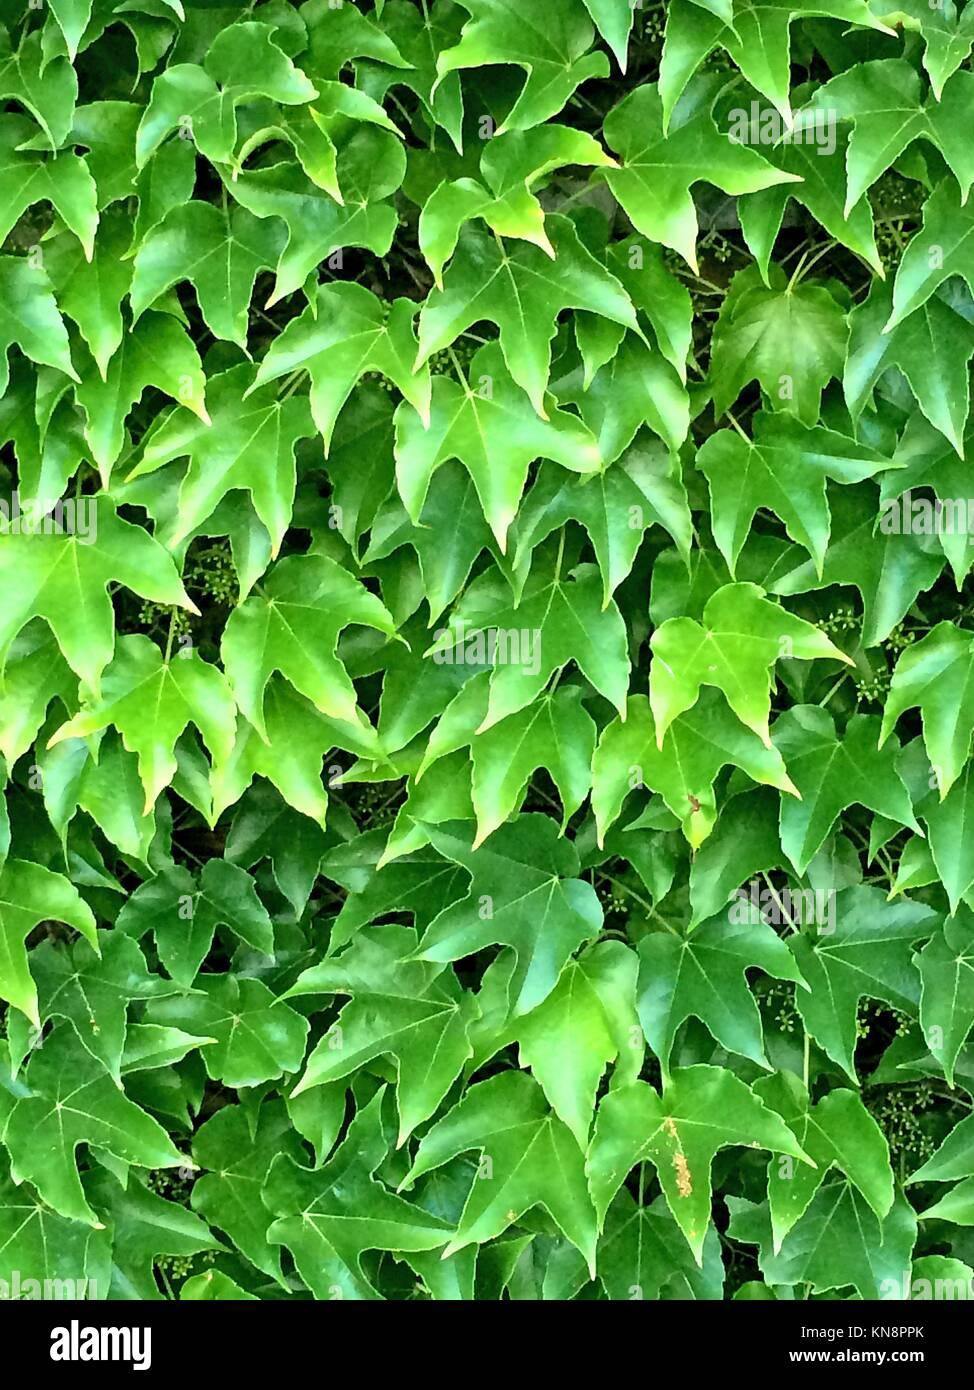 Les feuilles de vigne sauvage en été. Photo Stock